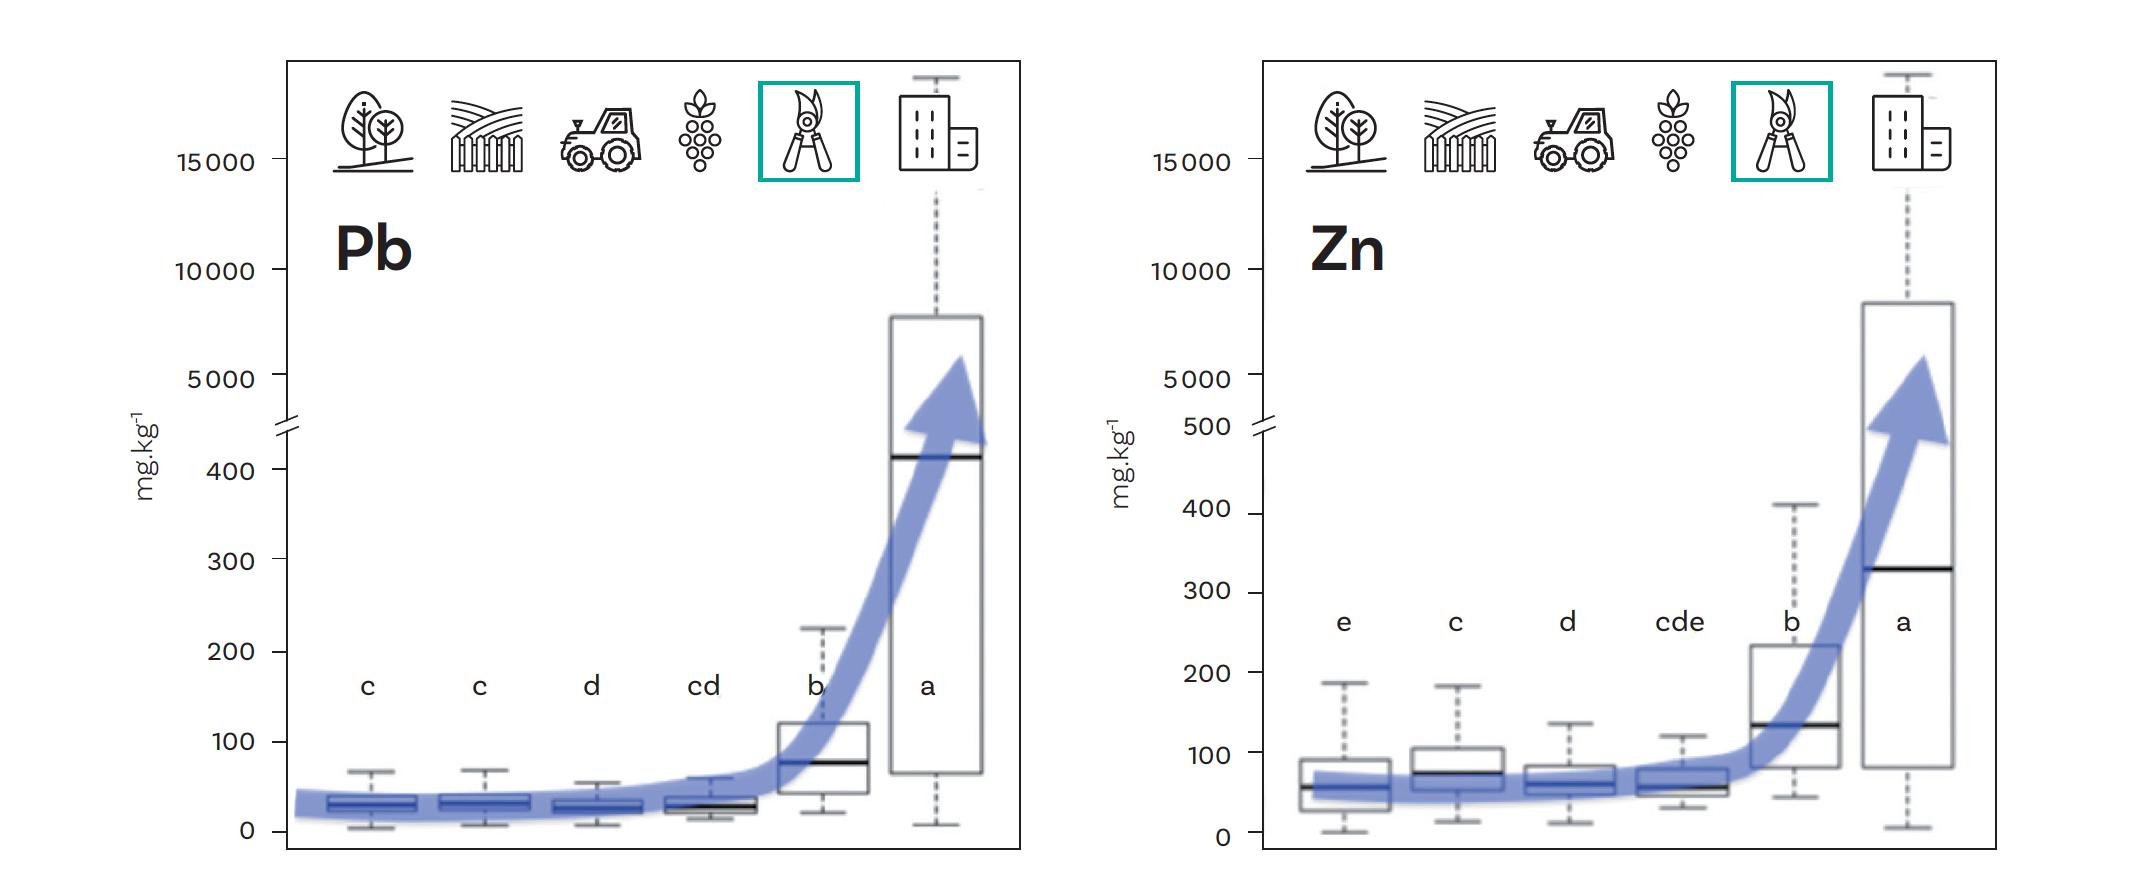 Figure n° 1. Plomb et zinc totaux des terres de surface françaises, dont des terres de jardins associatifs (encadré vert) (n = 2 450) (d'après Joimel S., Cortet J., Jolivet C., Saby N., Branchu P., Chenot E-D., Consalès J.N., Lefort C., Morel J.L., Schwartz C., 2016. Physico-Chemical Characteristics of Topsoil for Contrasted Forest, Agricultural, Urban and Industrial Land Uses in France. Science of the Total Environment 545-546, 40-47)